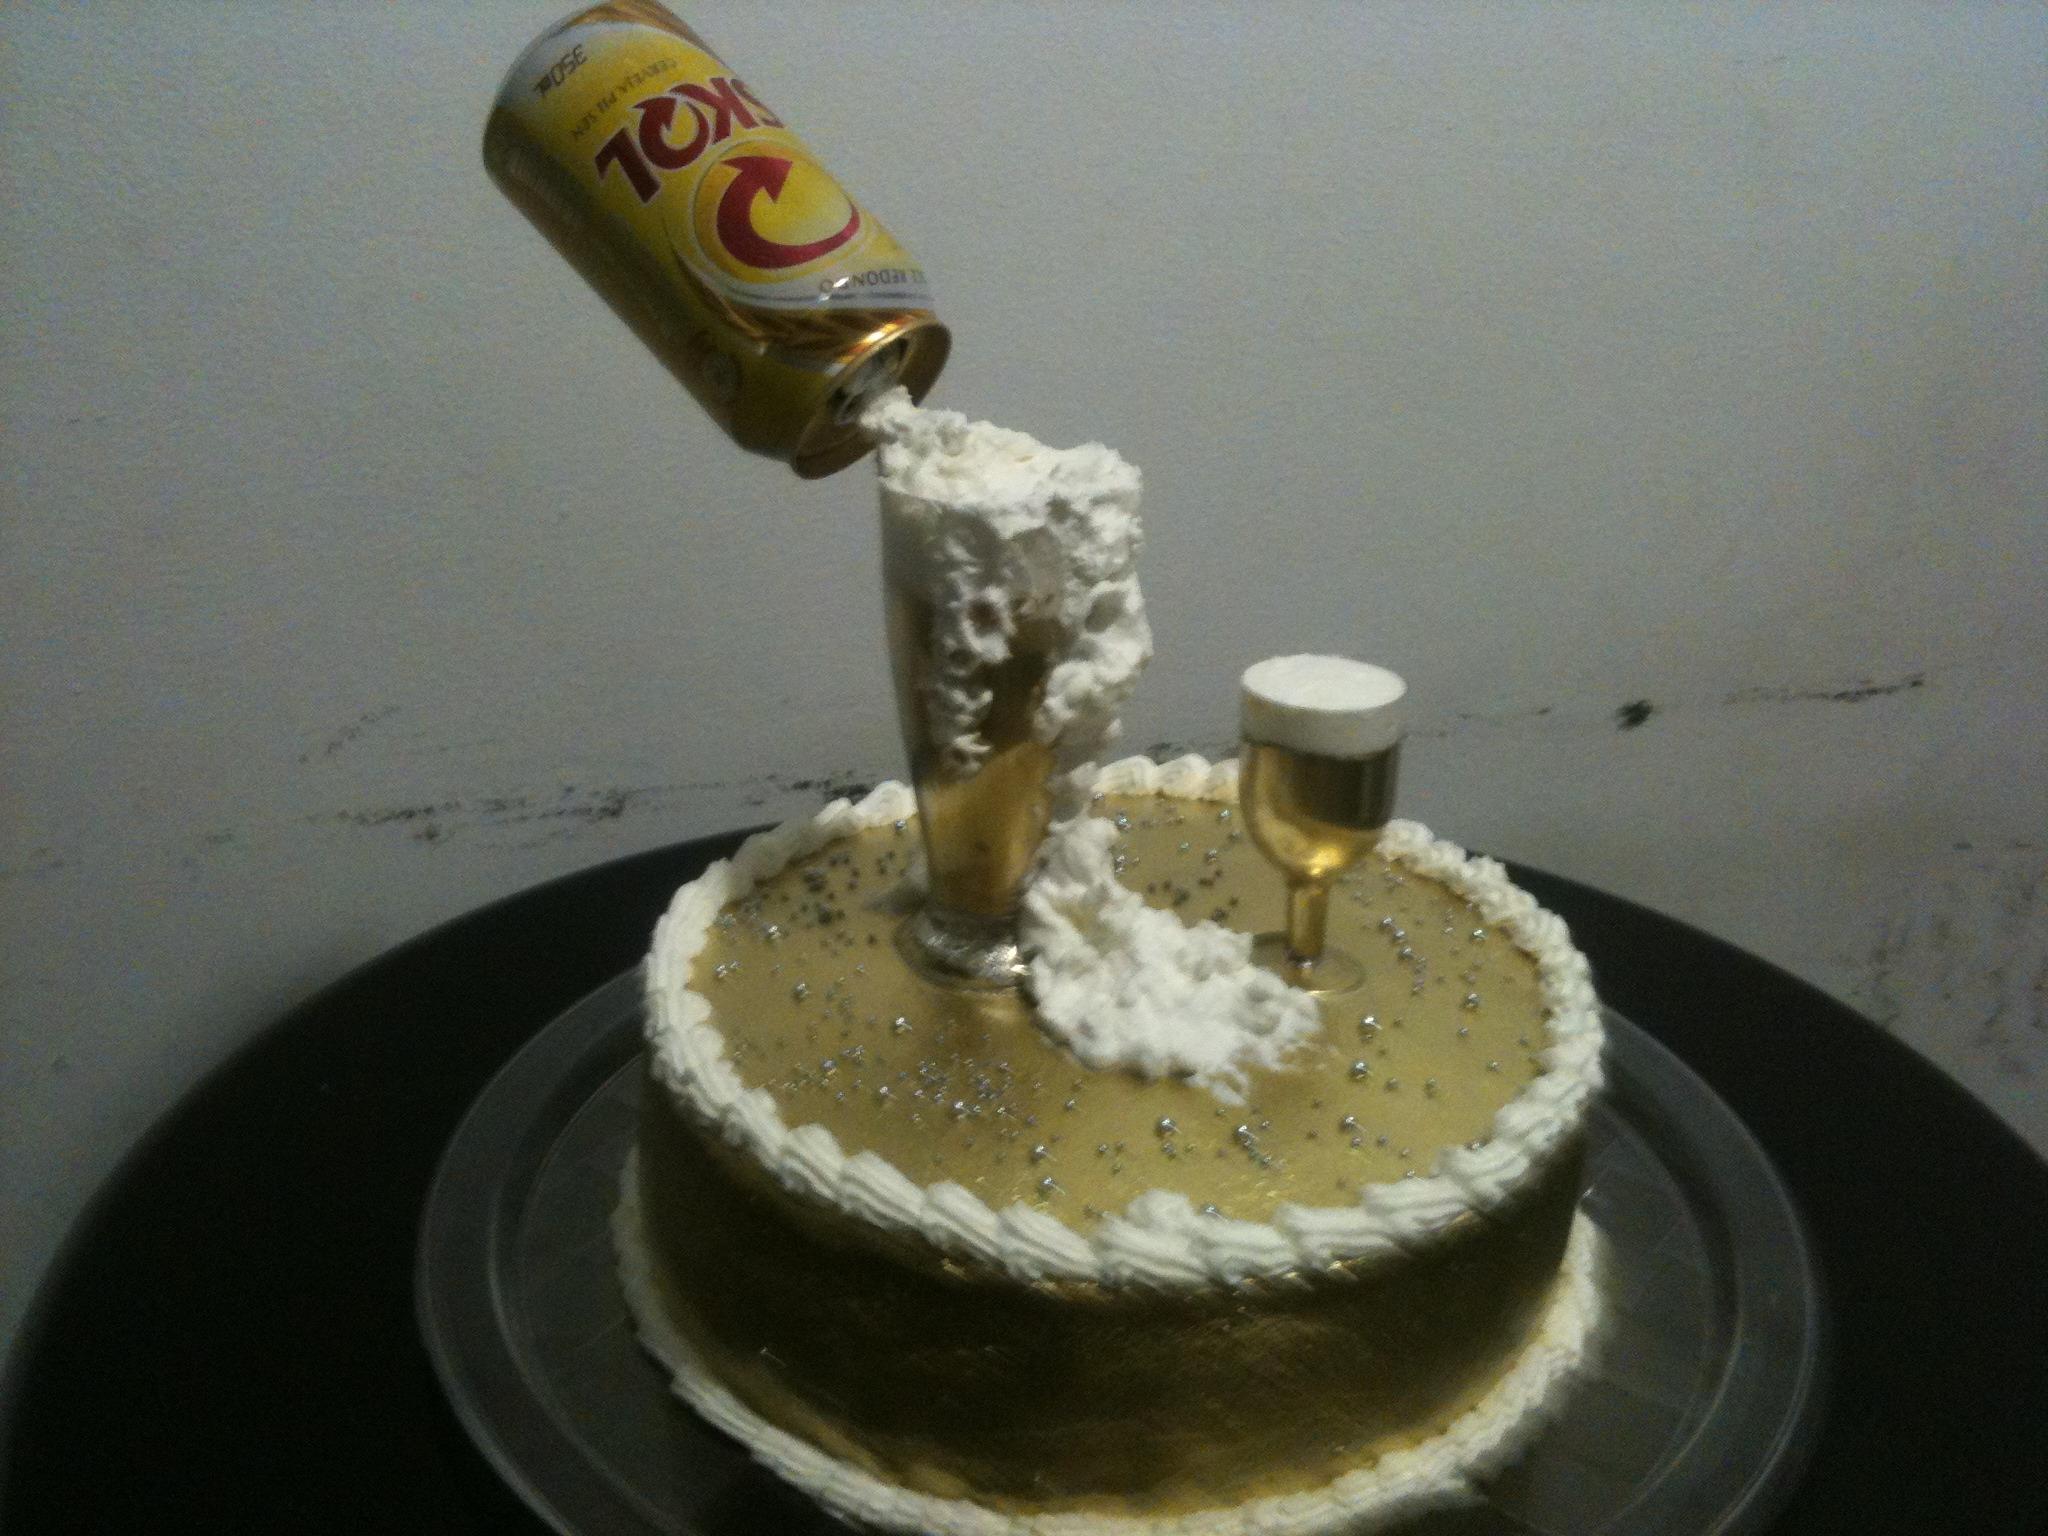 Topo de bolo casamento - casal cerveja   Ateliê Biscuit ...: http://www.elo7.com.br/bolo-cerveja-skol/dp/2A6DC4